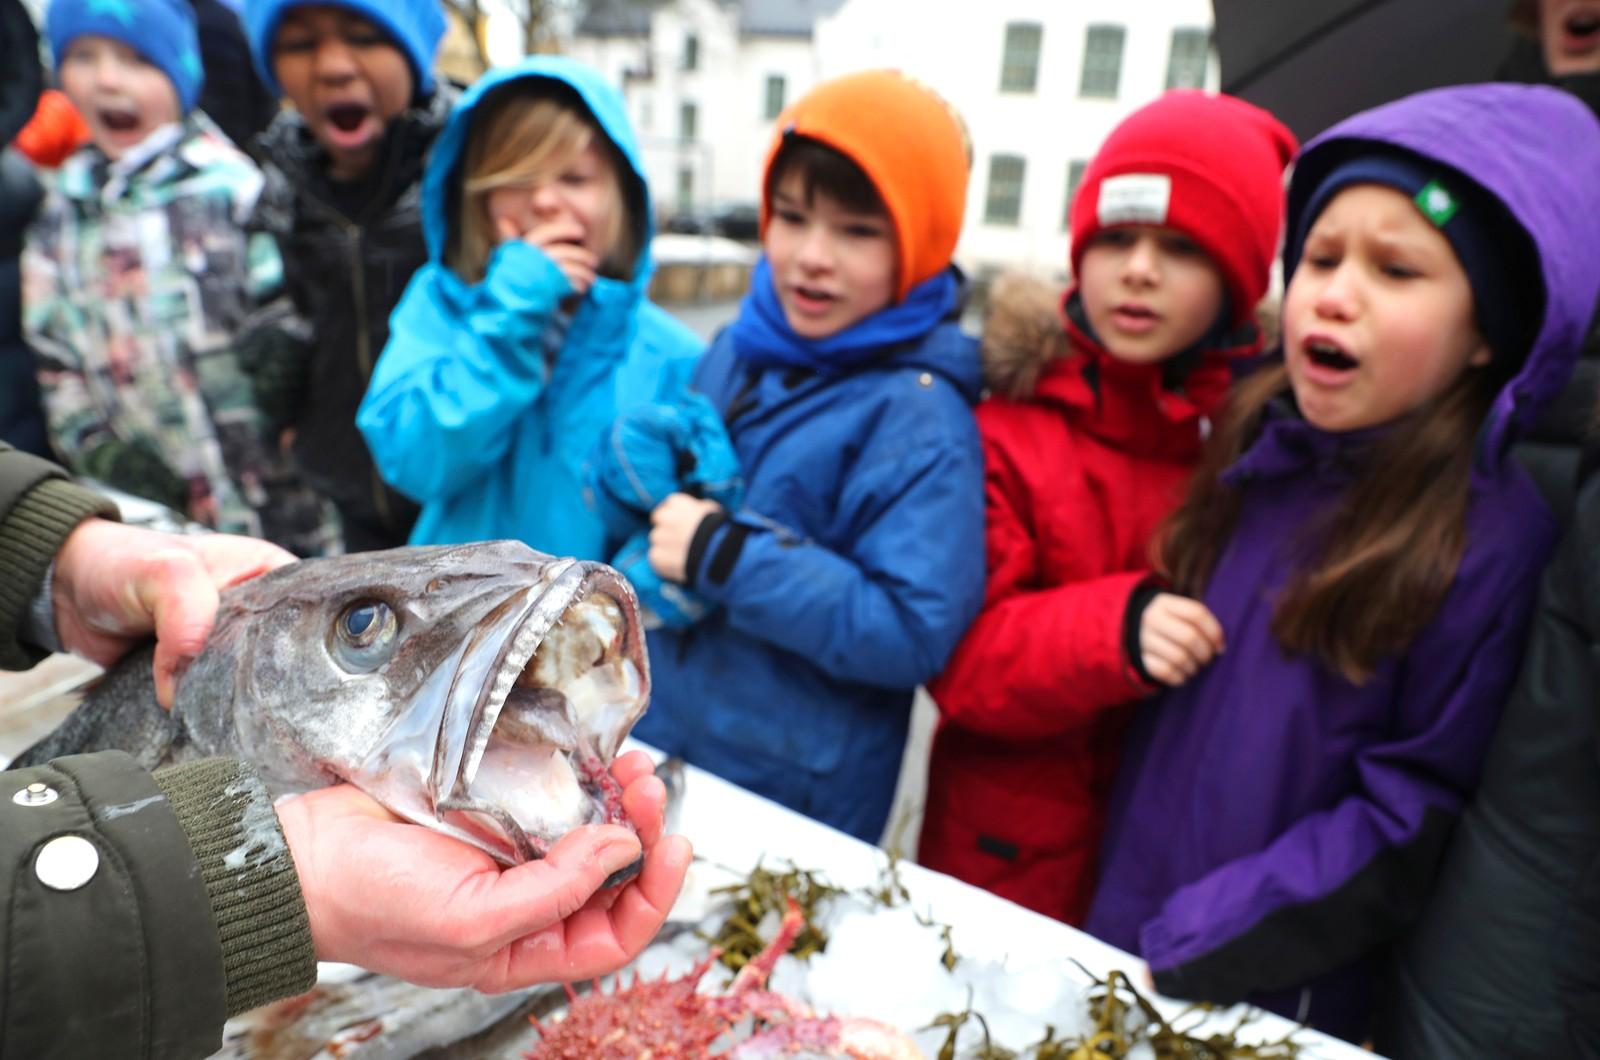 Skoleelever fra 4 klasse ved Gamlebyen skole synes munnen på fisken lysing er veldig skummel. Andreas Viestad fra Geitmyra matkultursenter for barn viser fram fisk i skolegården.